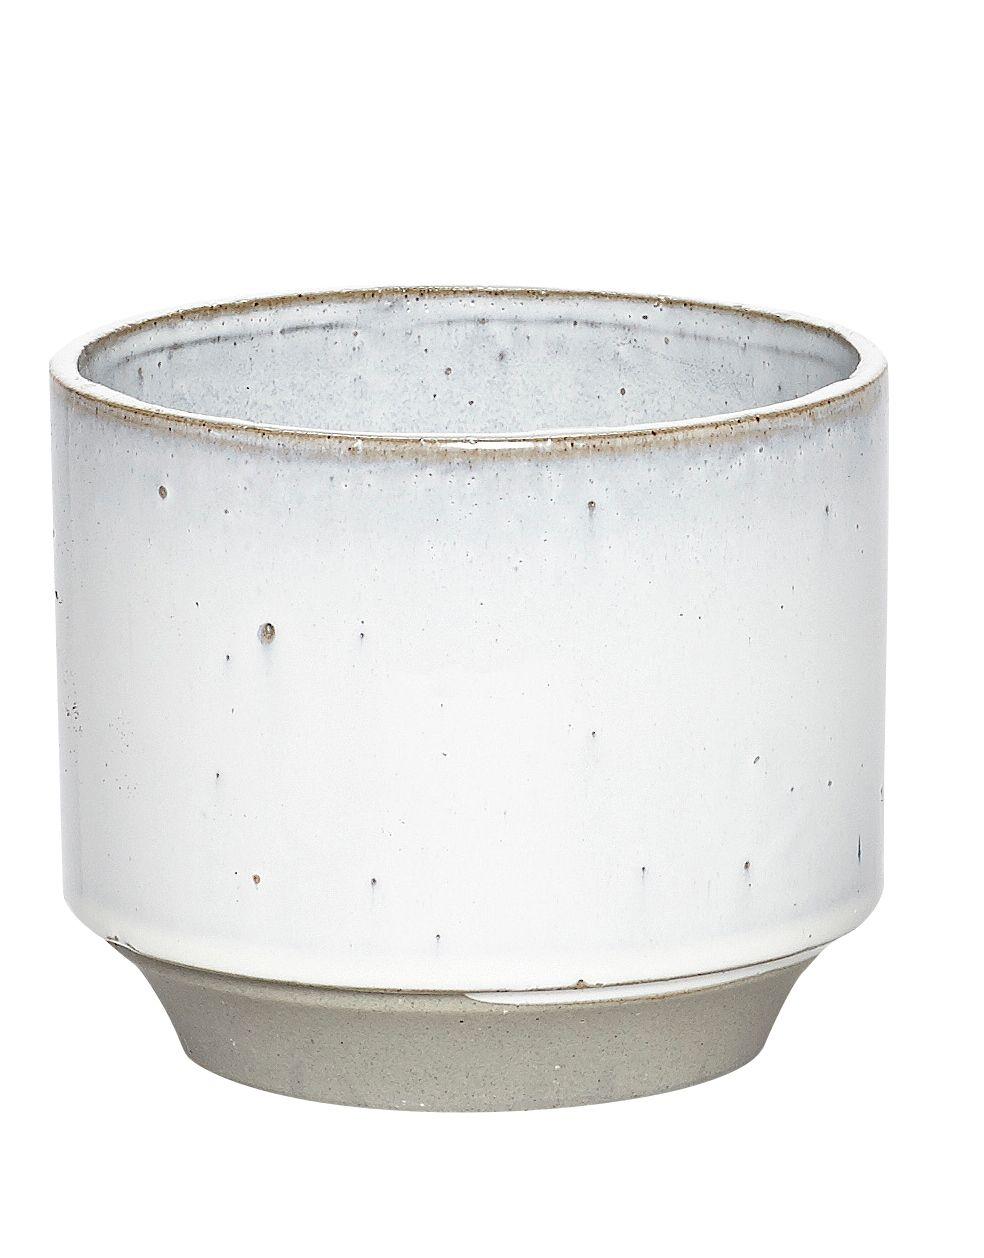 Hubsch Planter Ceramic White/Grey - Large: Indoor planter. White ...